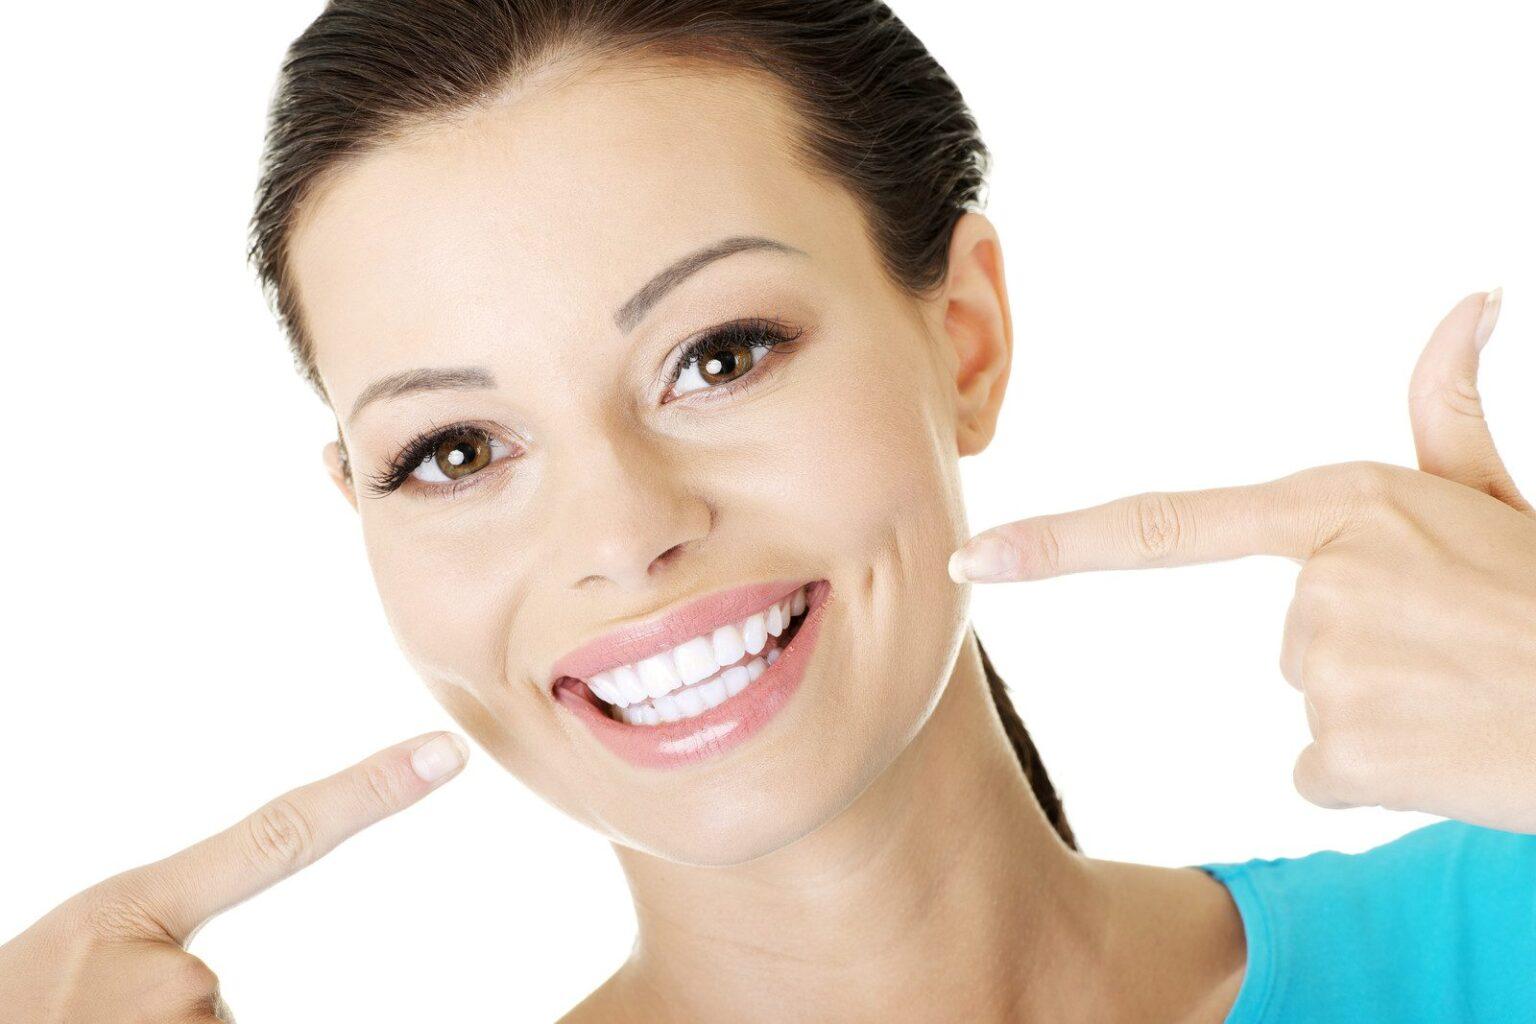 Supera tu miedo al dentista